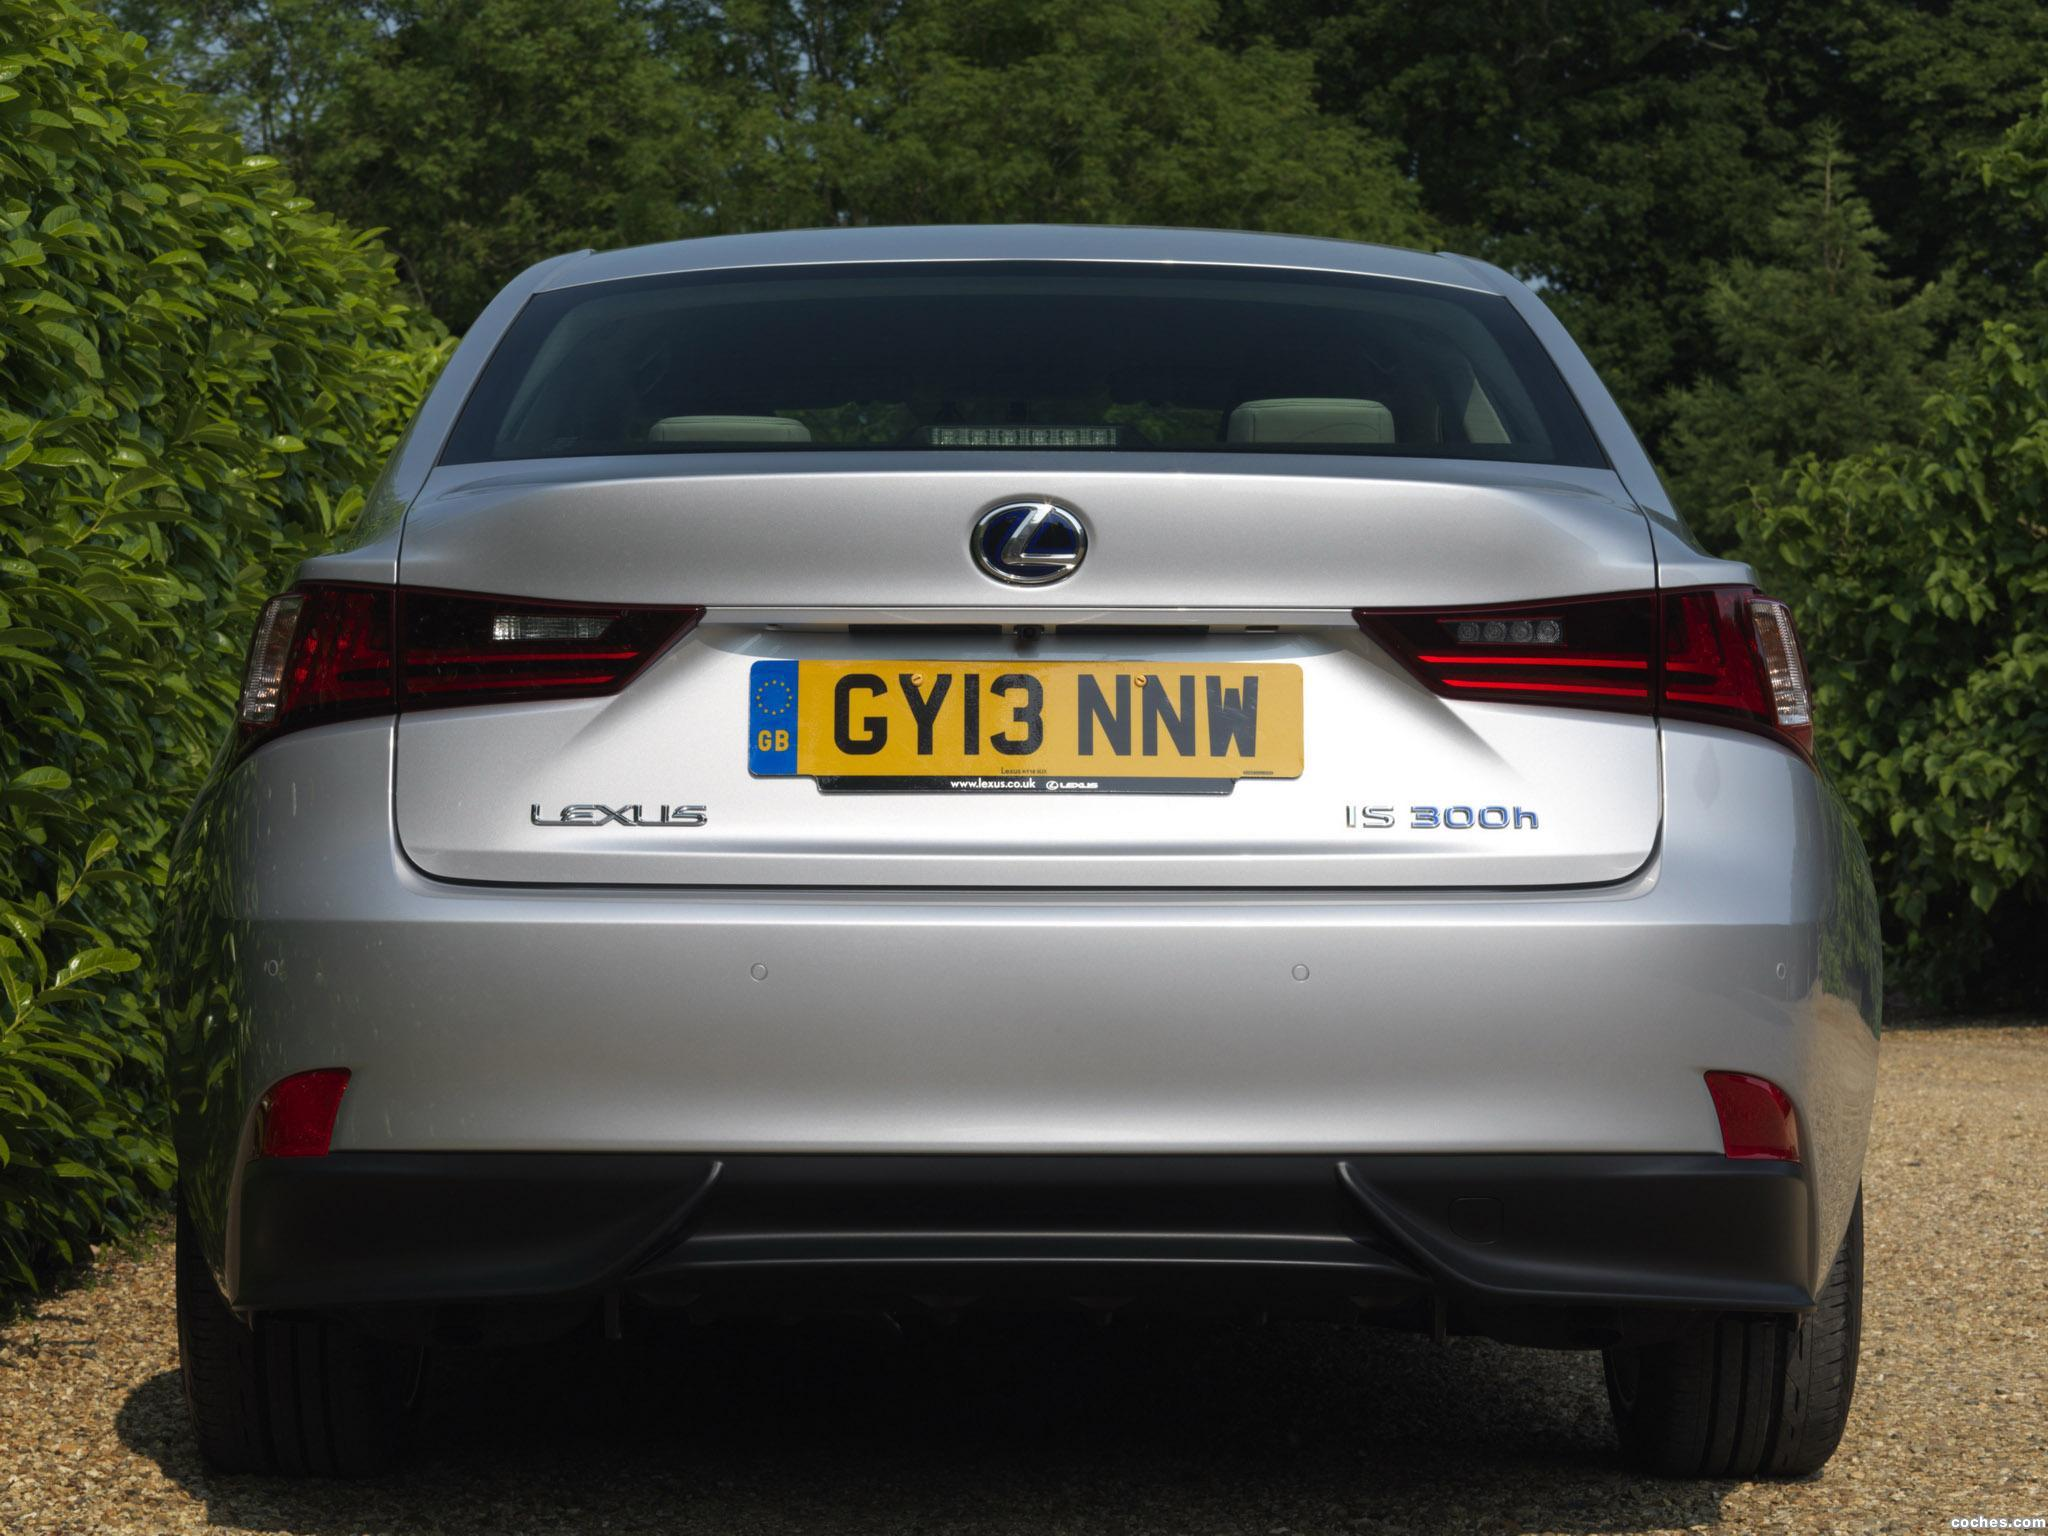 Foto 1 de Lexus IS 300h XE30 UK 2013